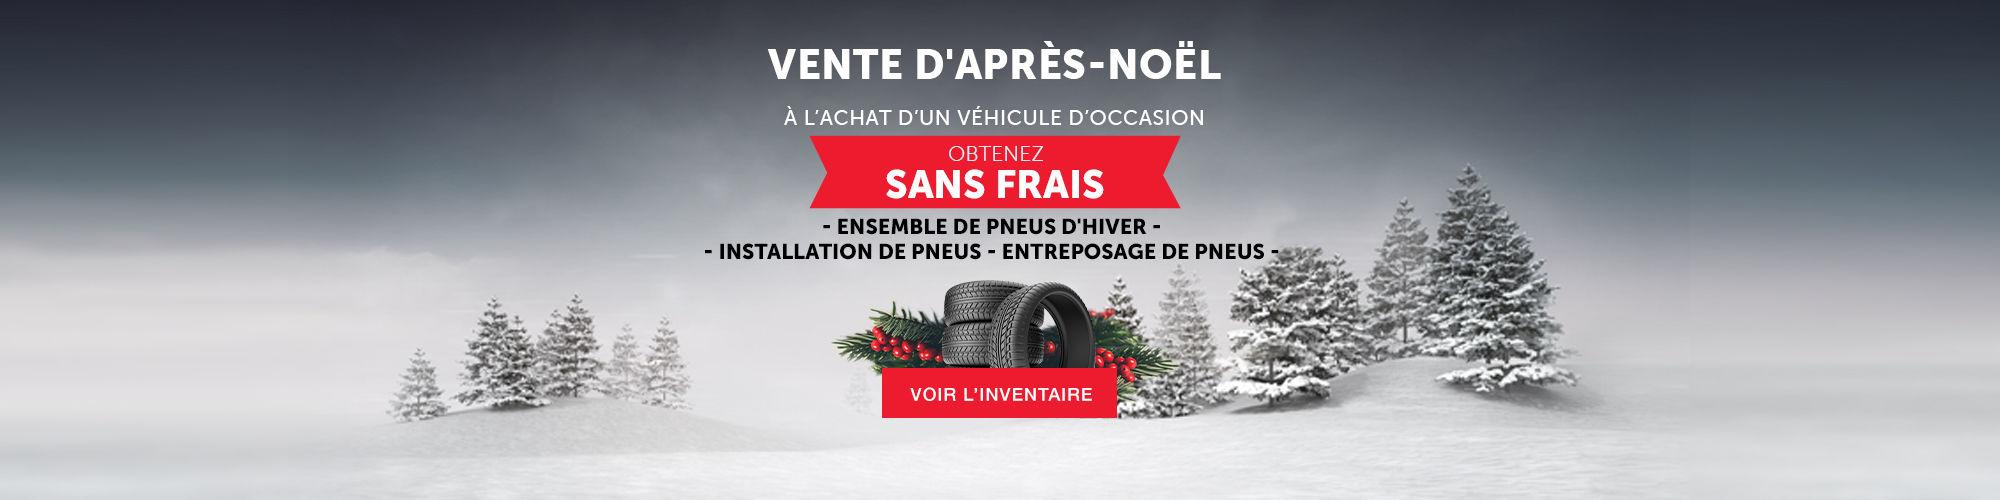 Vente d'après Noel Occasion Toyota